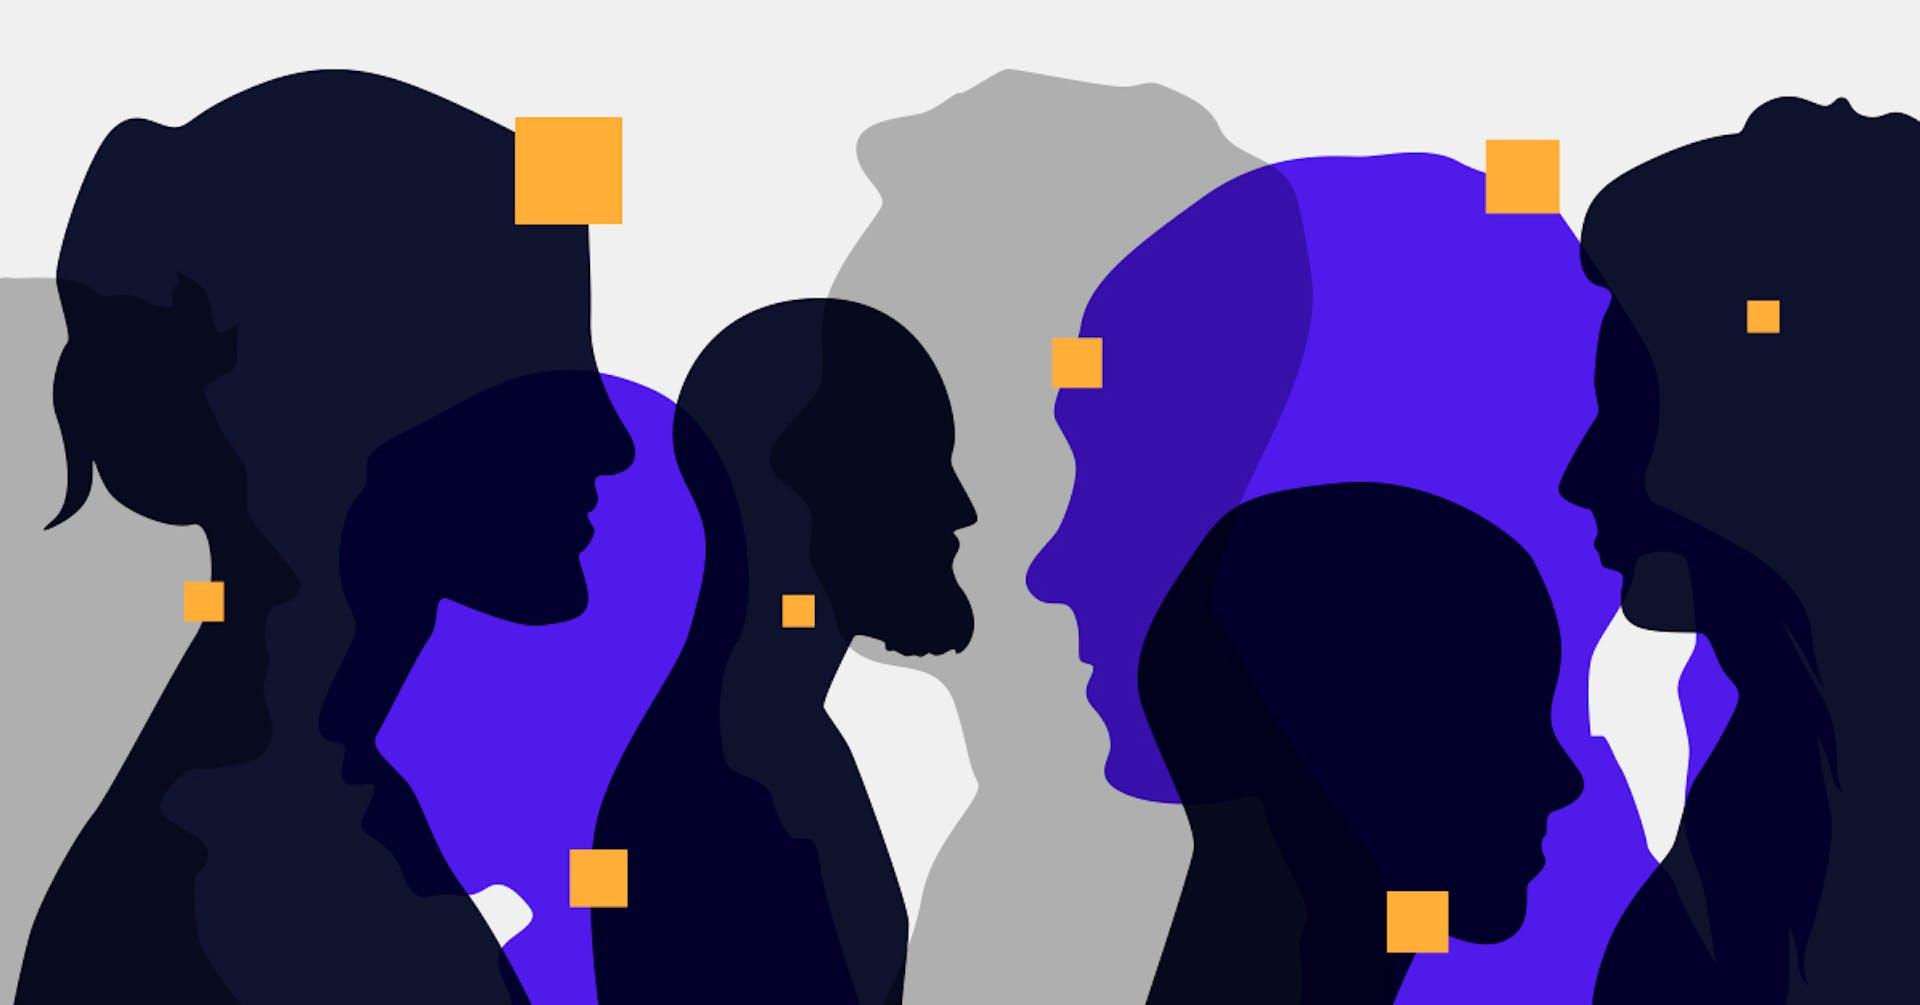 ¿Cómo un HR Manager puede promover la igualdad de género en el ámbito laboral?